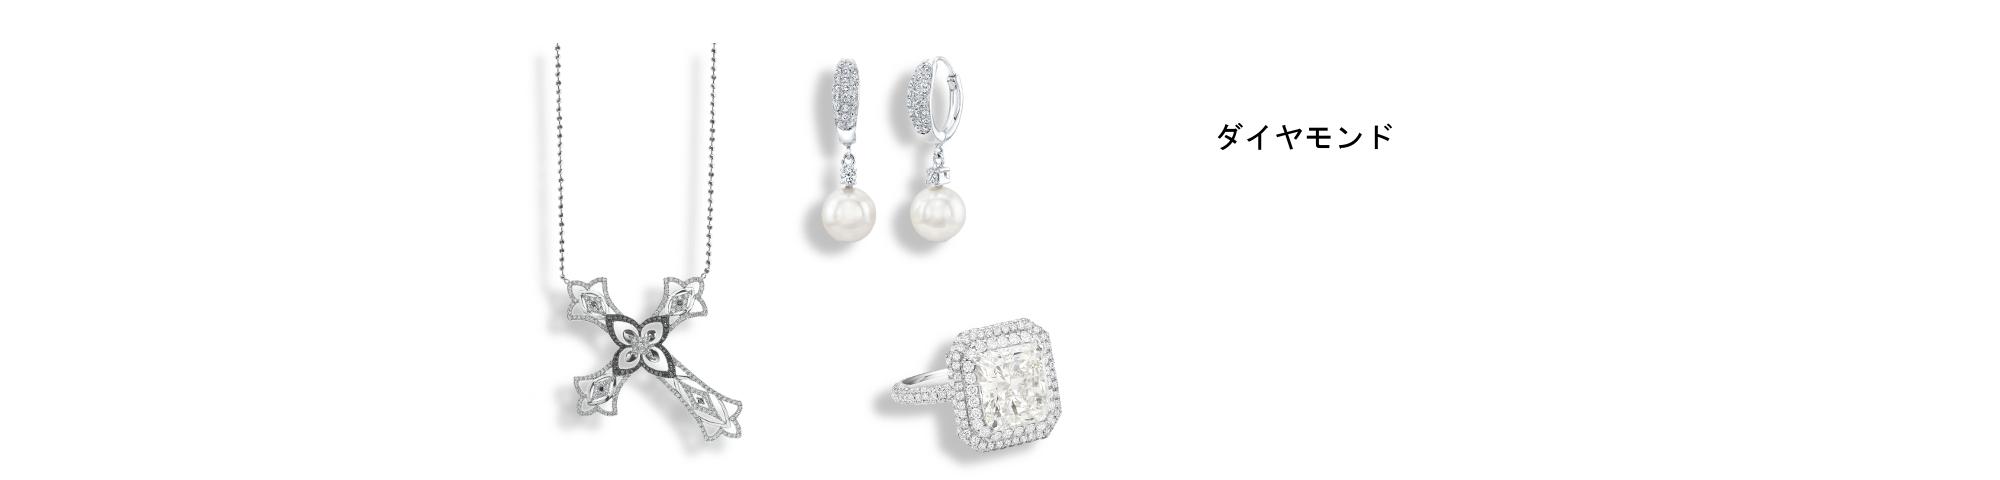 ダイヤモンドの高価買取ならお任せ下さい。